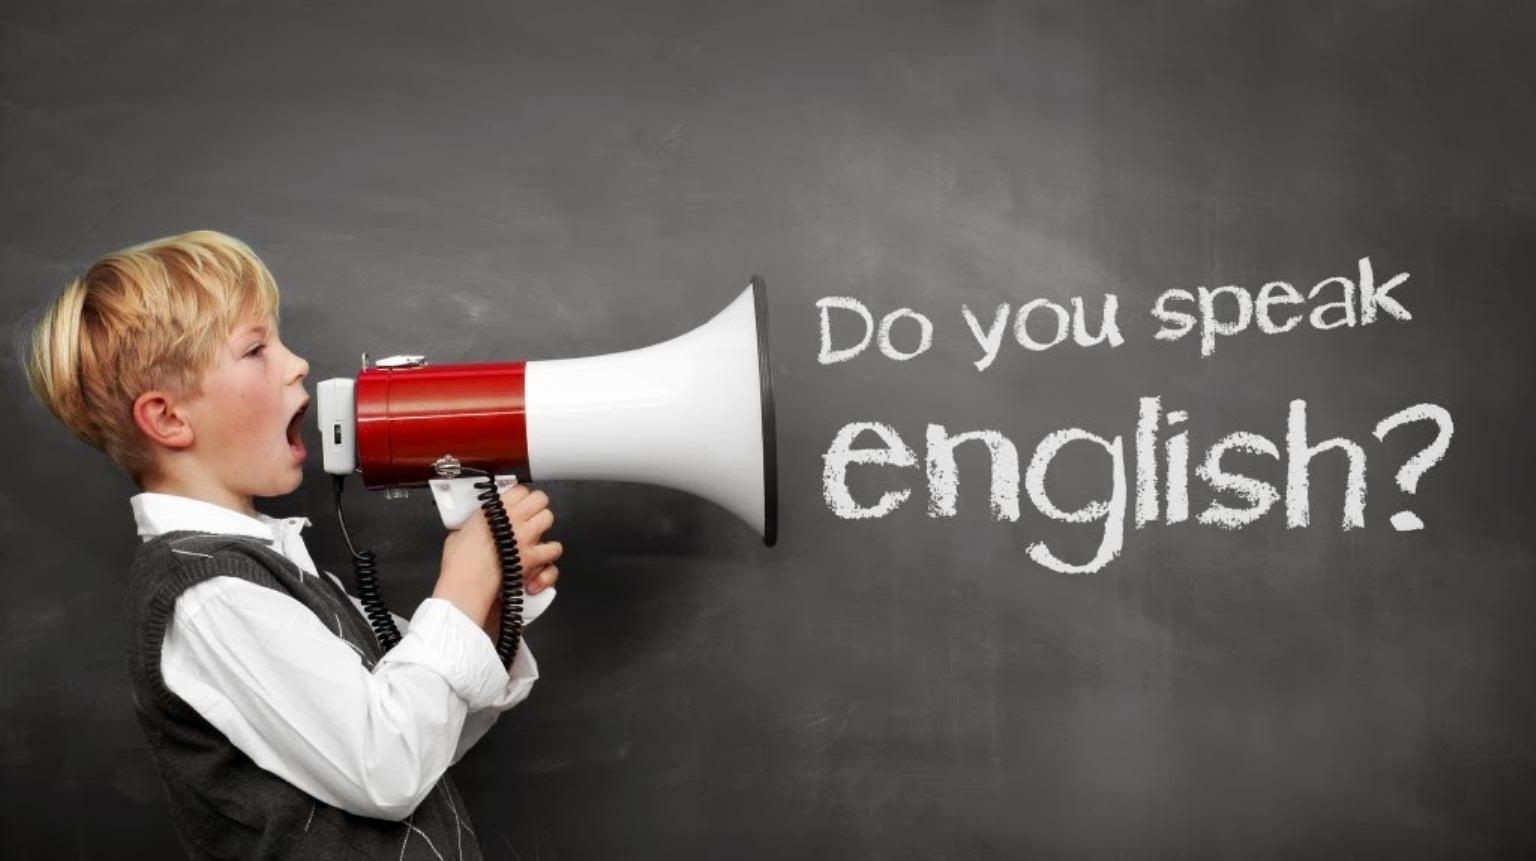 أحصل على دورات تعلم الإنجليزية مجانية من أرقى الجامعات العالمية learn English